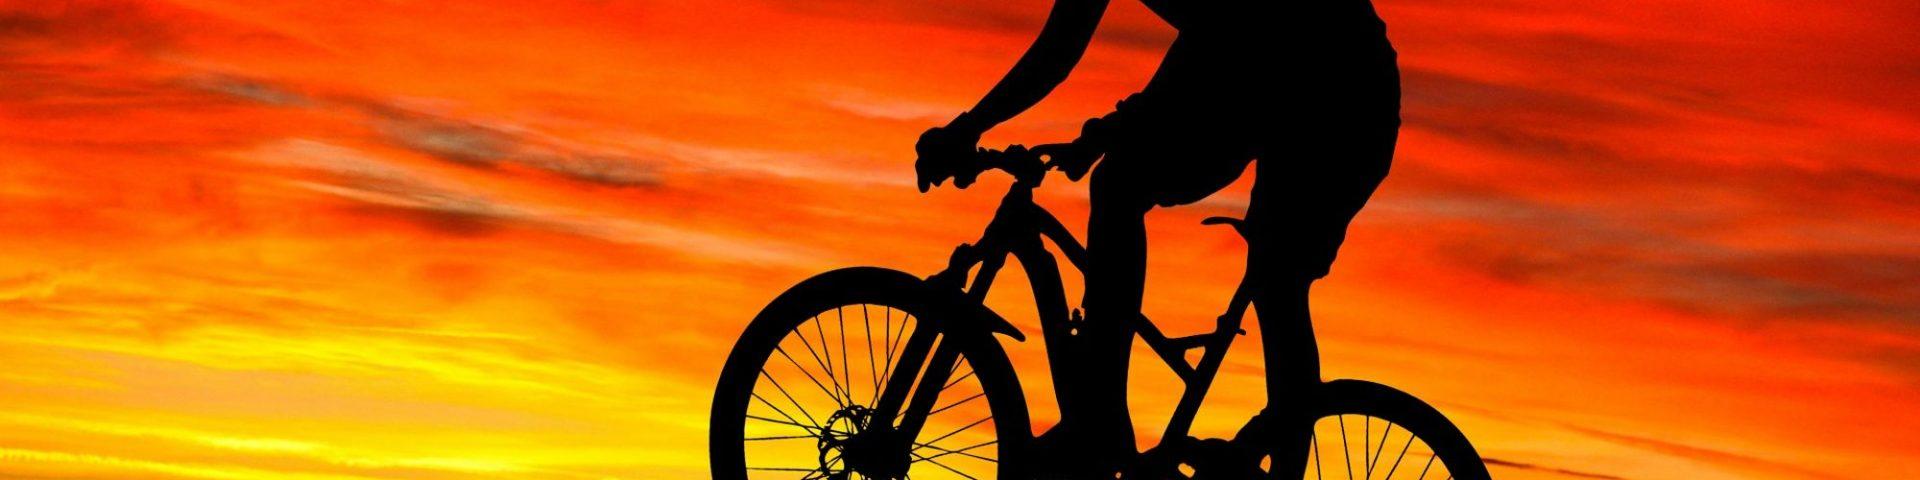 Dal 4 maggio posso usare la bicicletta?